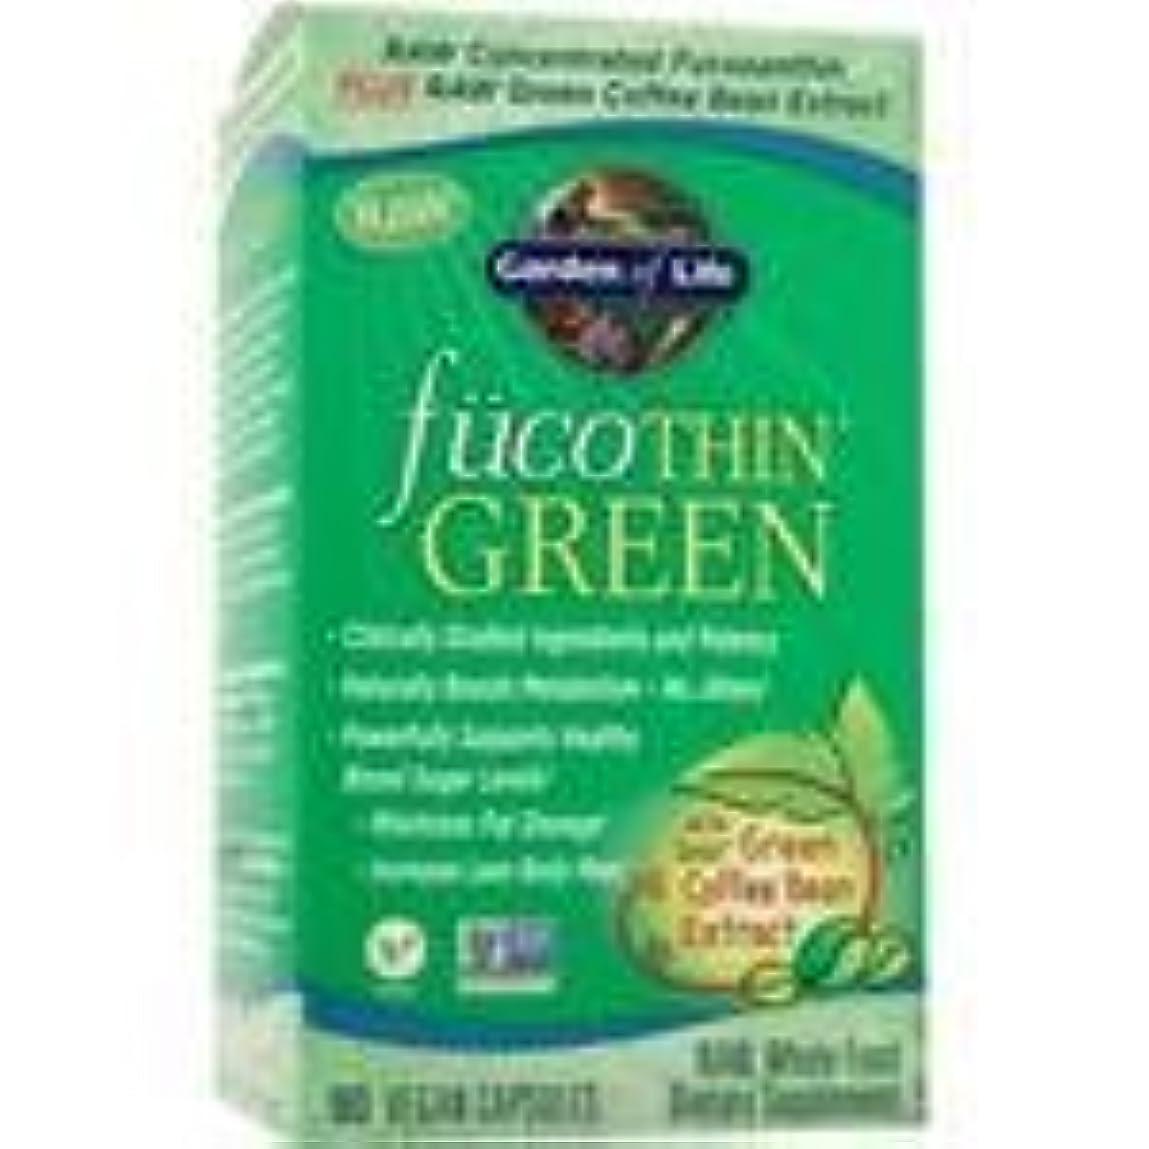 パッケージ不完全なスプーンFucoThin Green 90 vcaps 2個パック